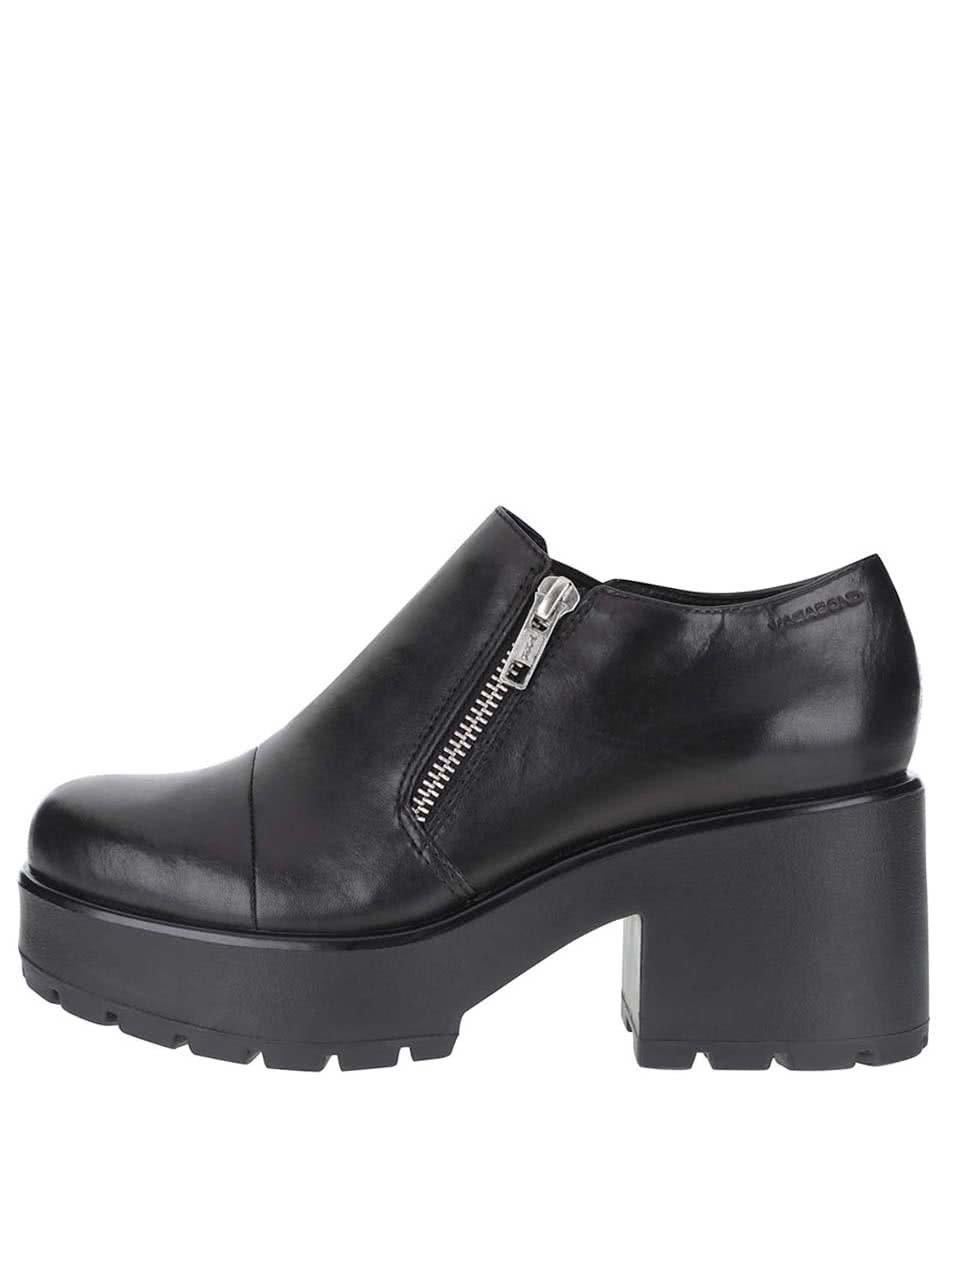 Černé kožené boty na platformě Vagabond Dioon